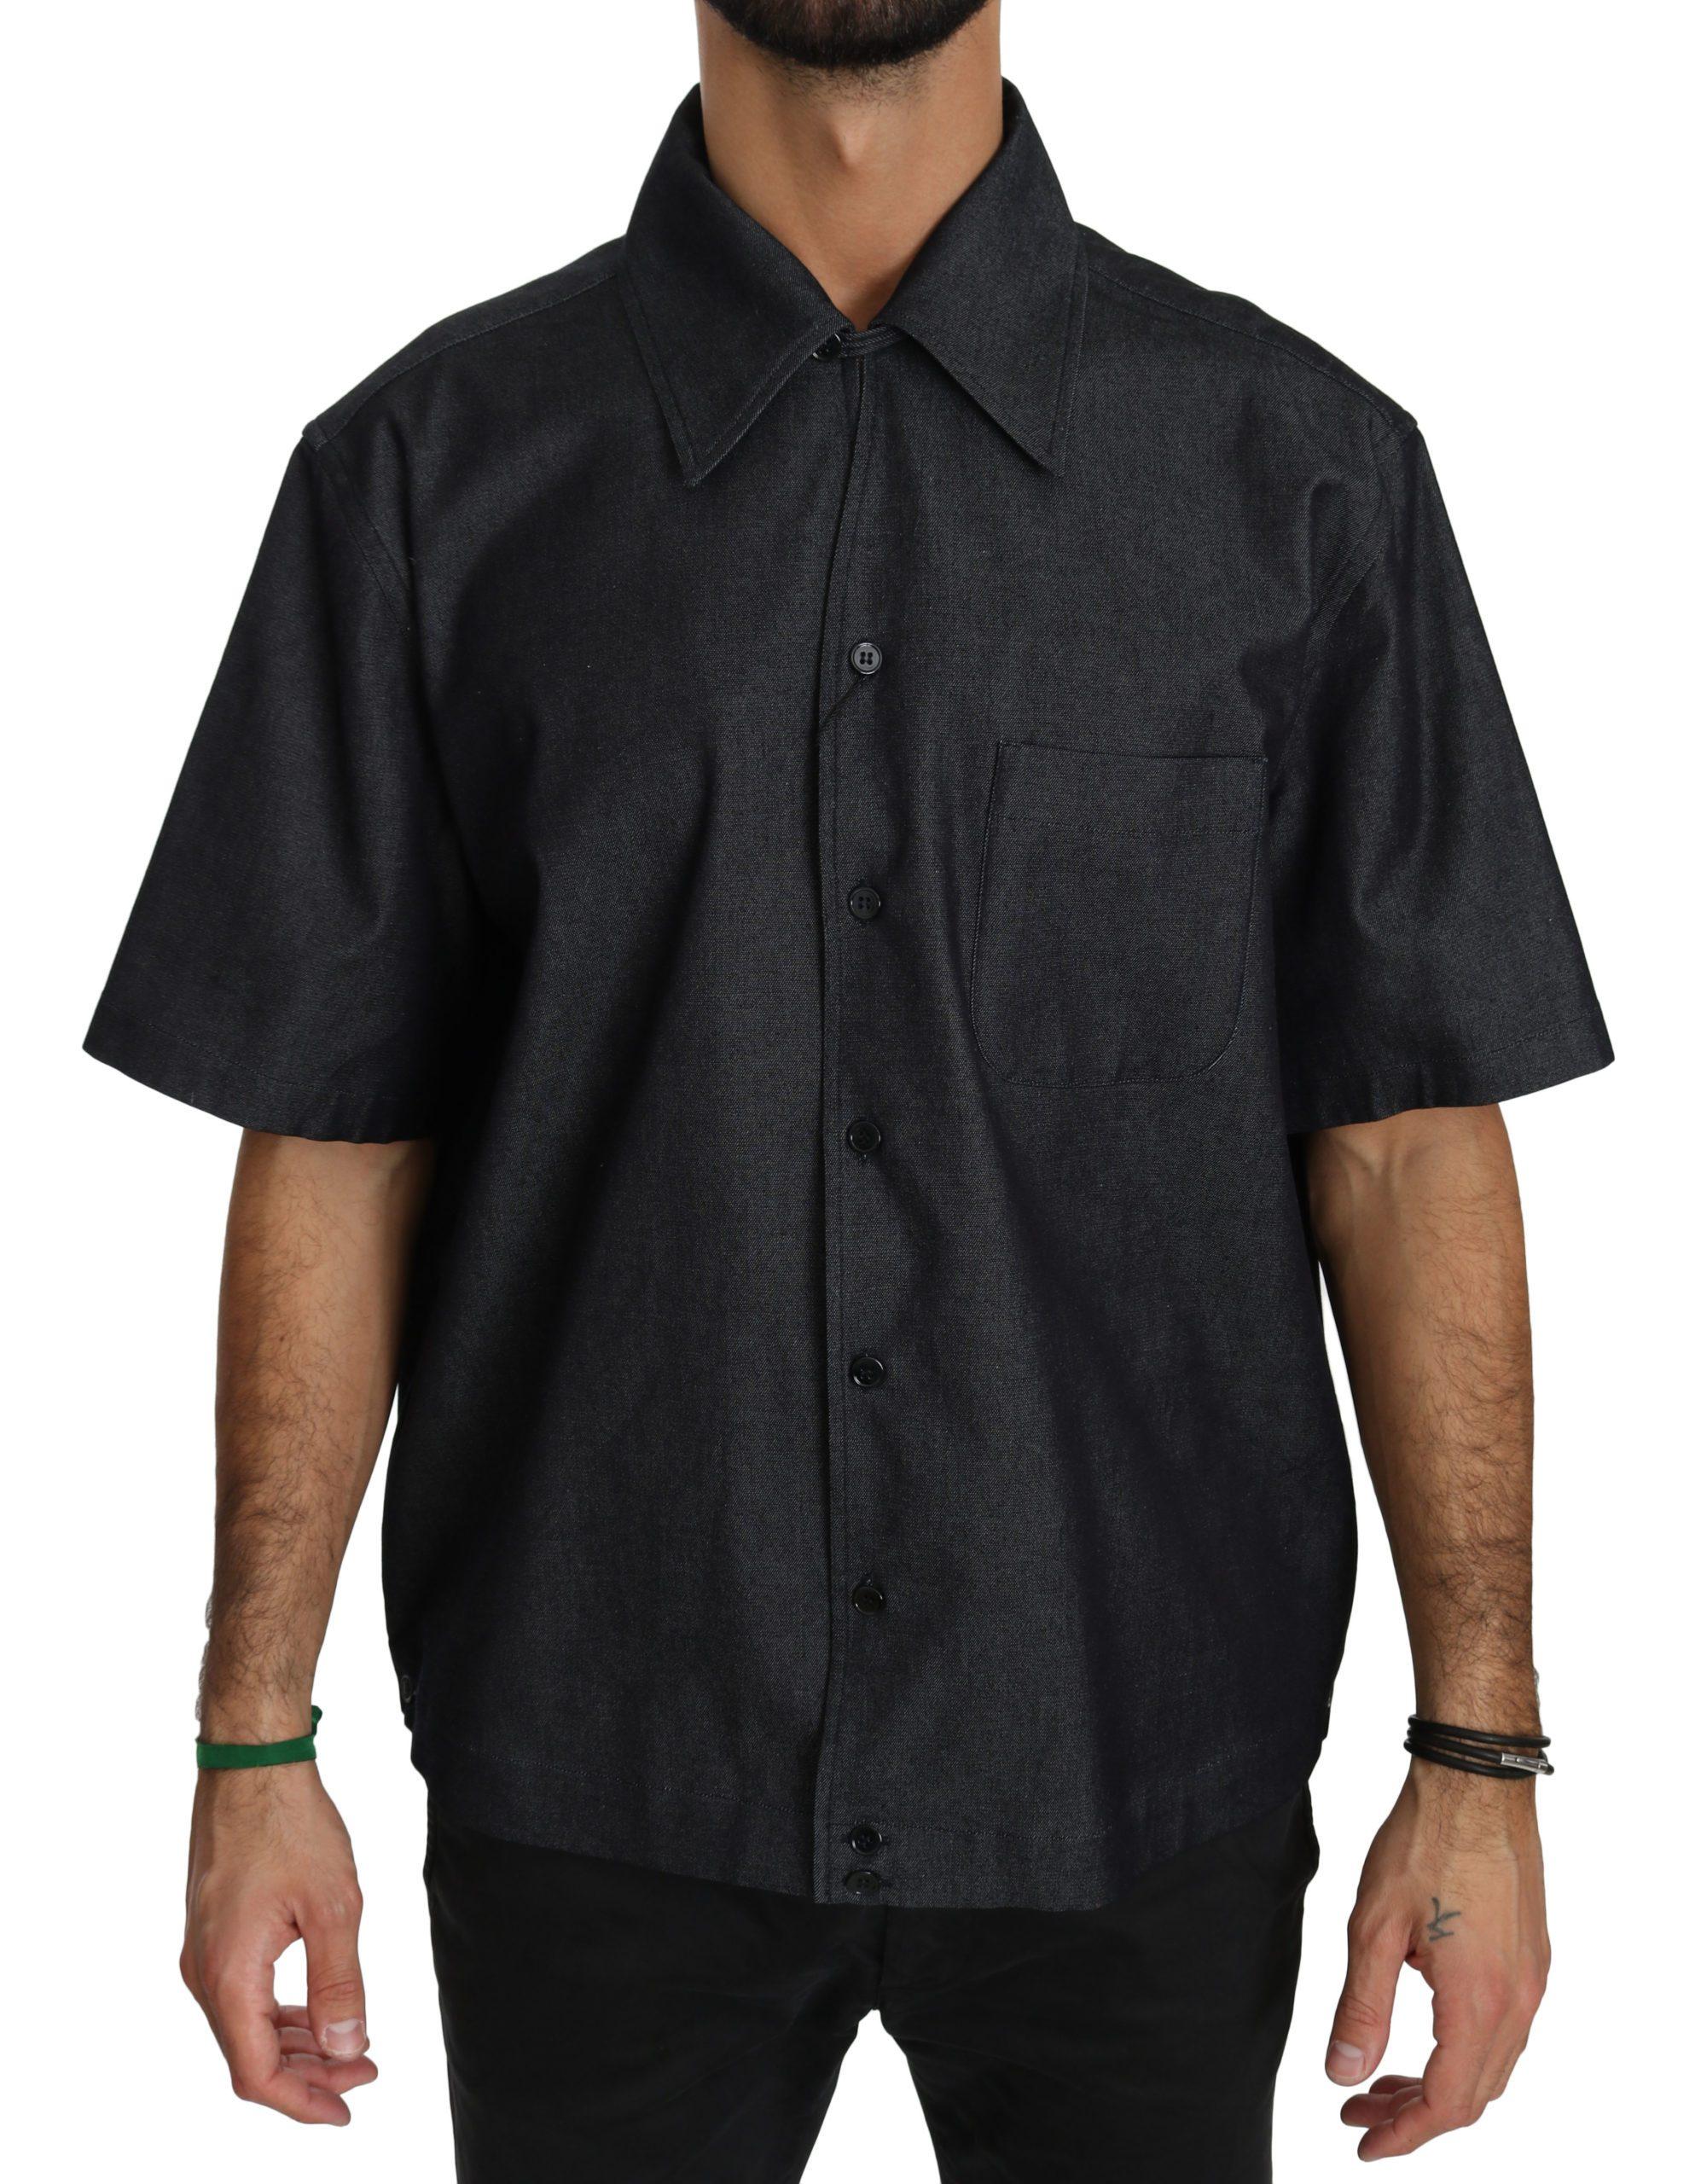 Dolce & Gabbana Men's SS Cotton Shirt Black TSH4026 - IT40   M